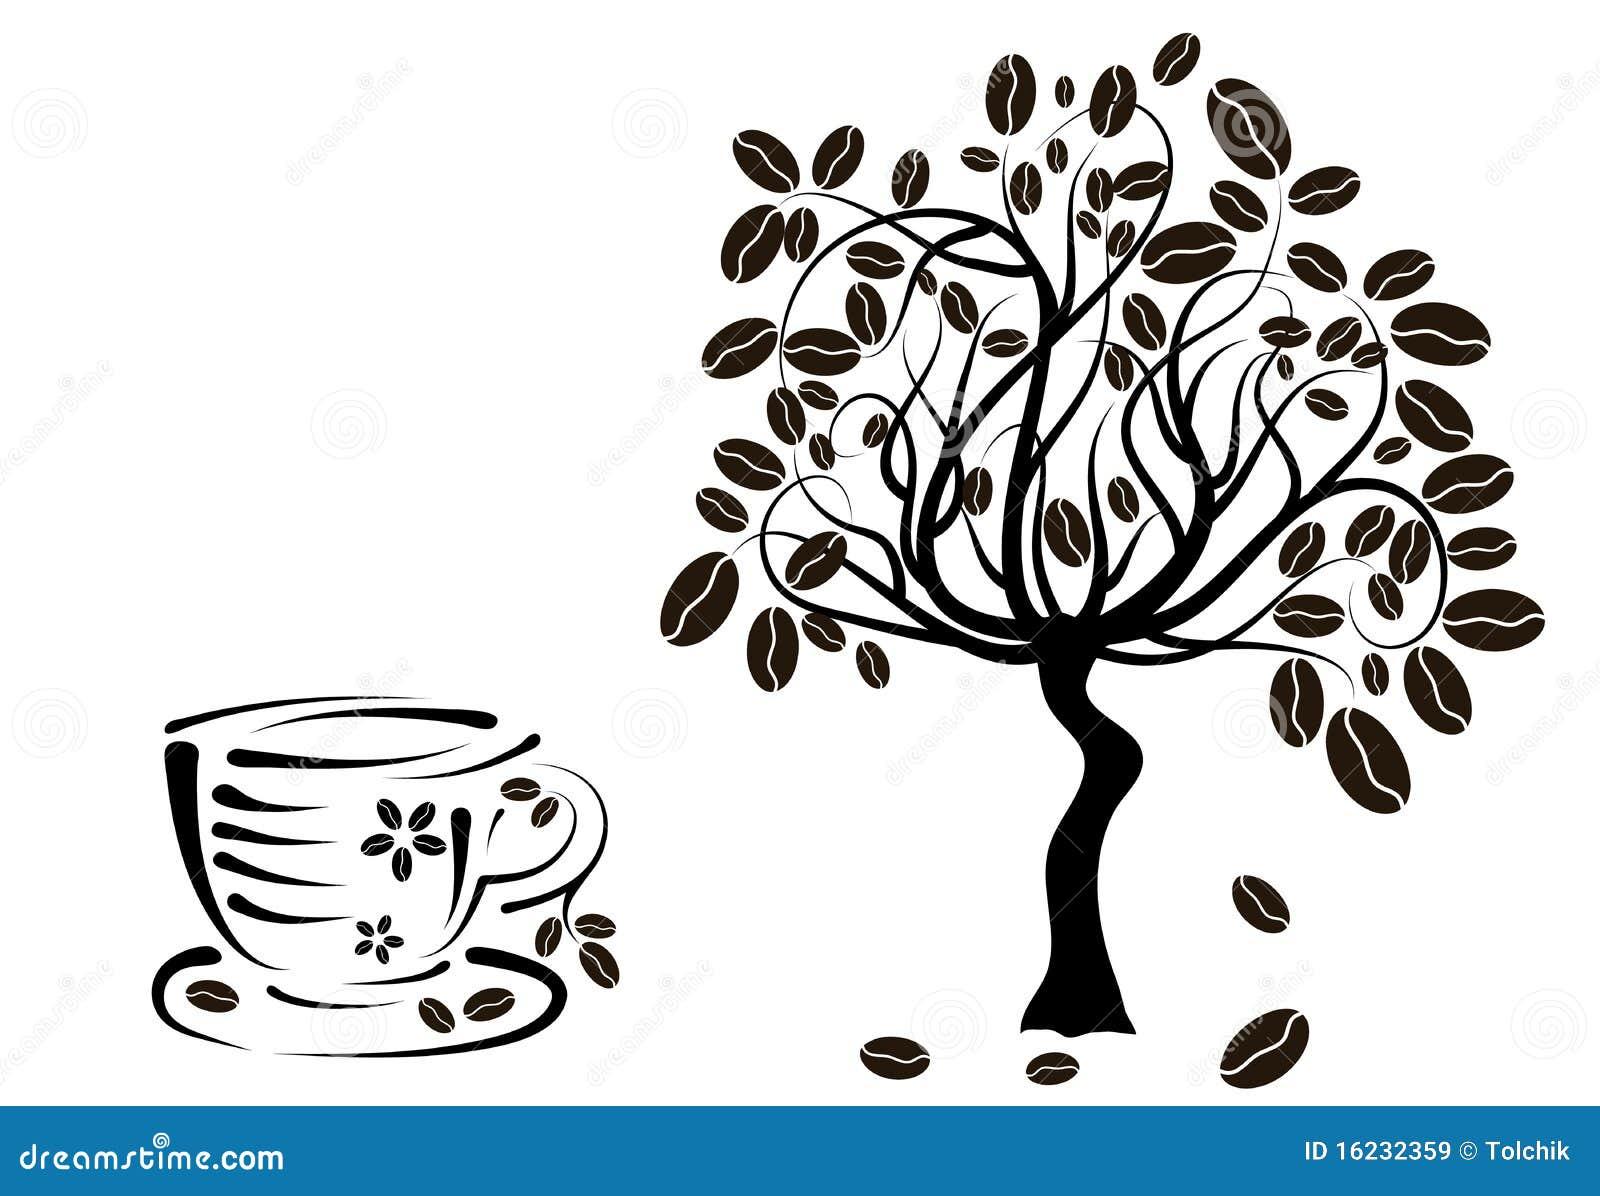 Immagini stock libere da diritti: pianta del caffè in una tazza